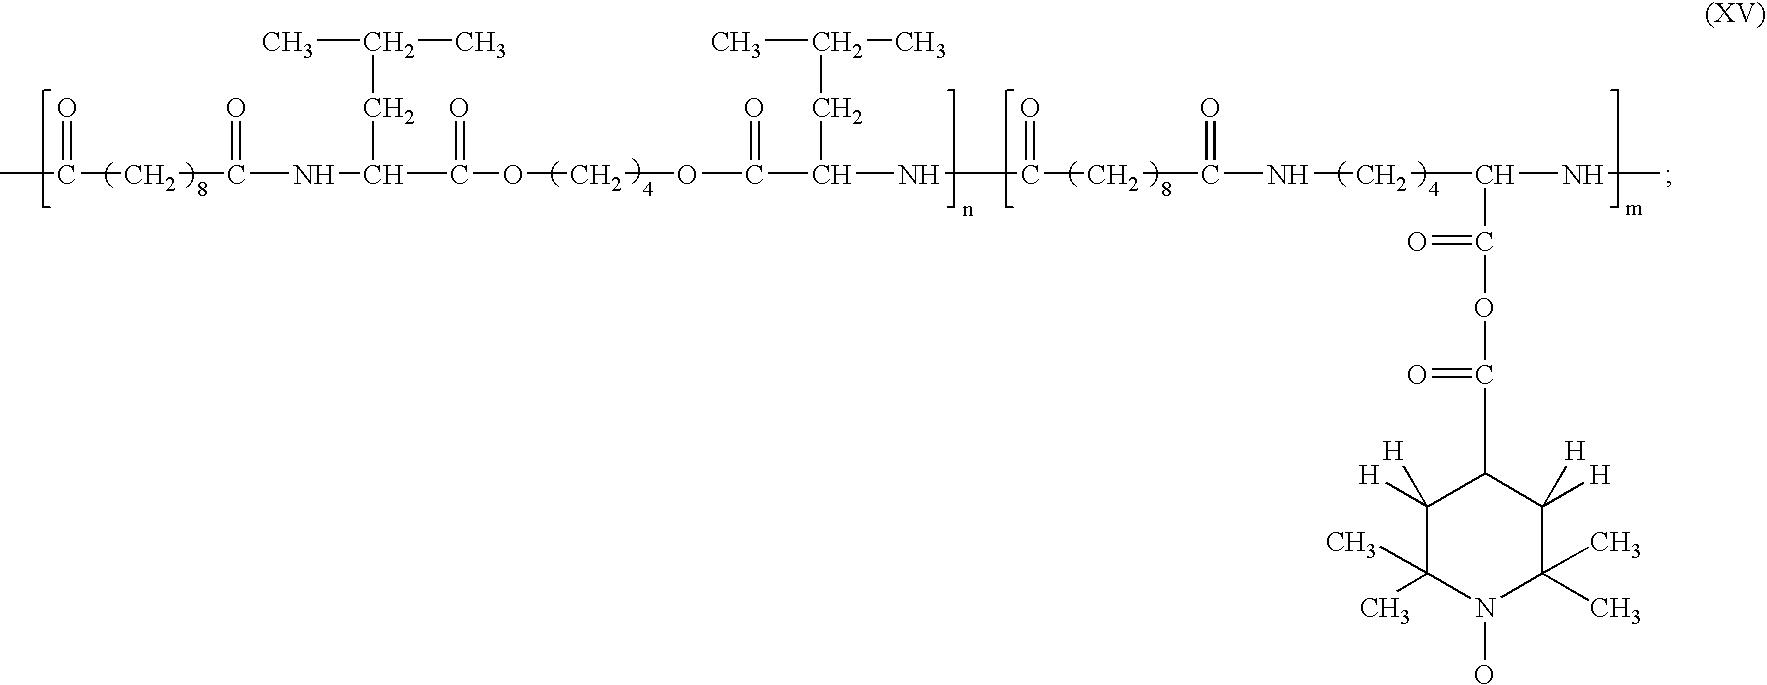 Figure US20050288481A1-20051229-C00021